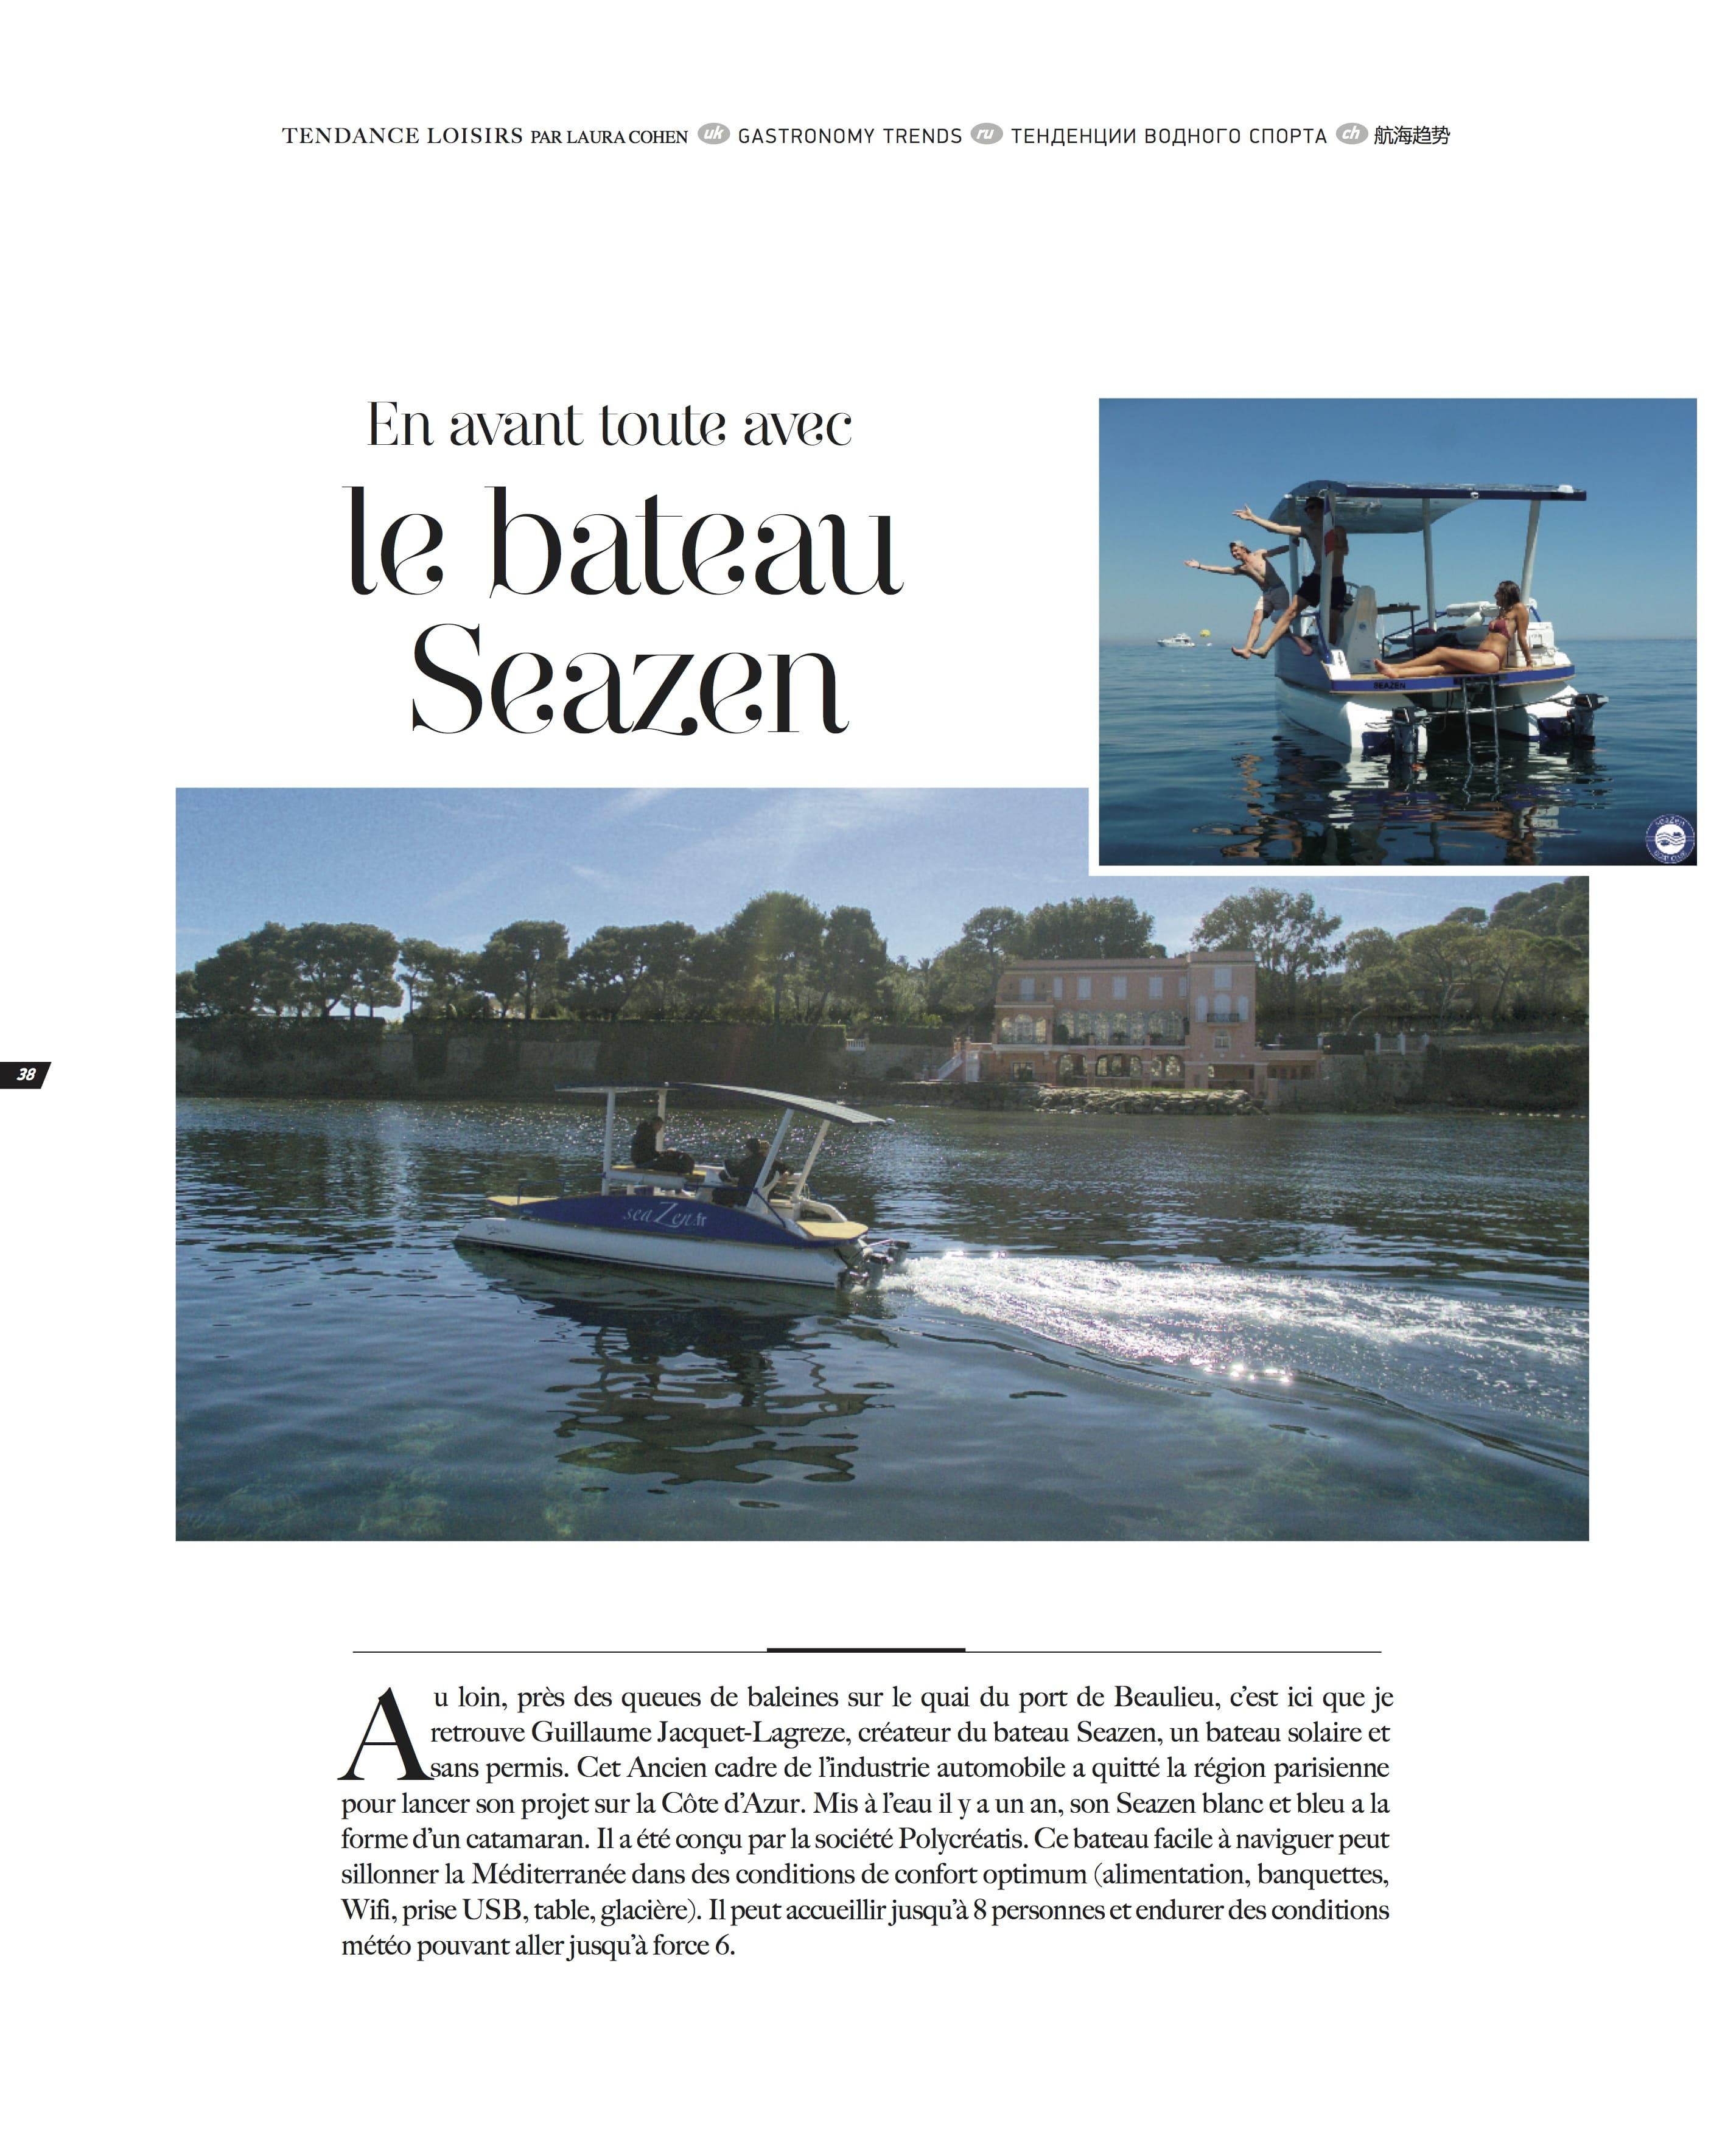 Article de presse sur la location du bateau solaire seaZen.